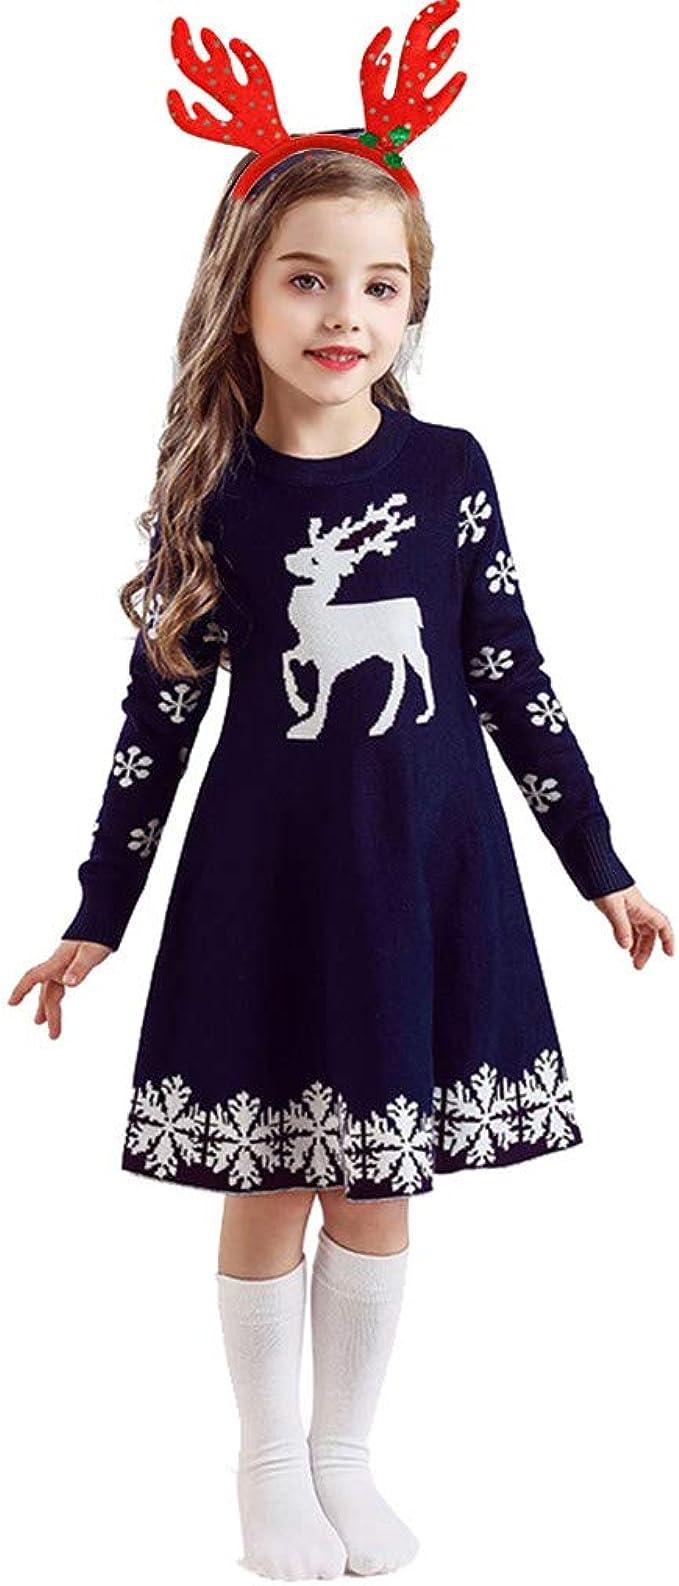 Kinder Kinder Mädchen Langarm Kleid Weihnachten Stil Druck Xmas Kleidung